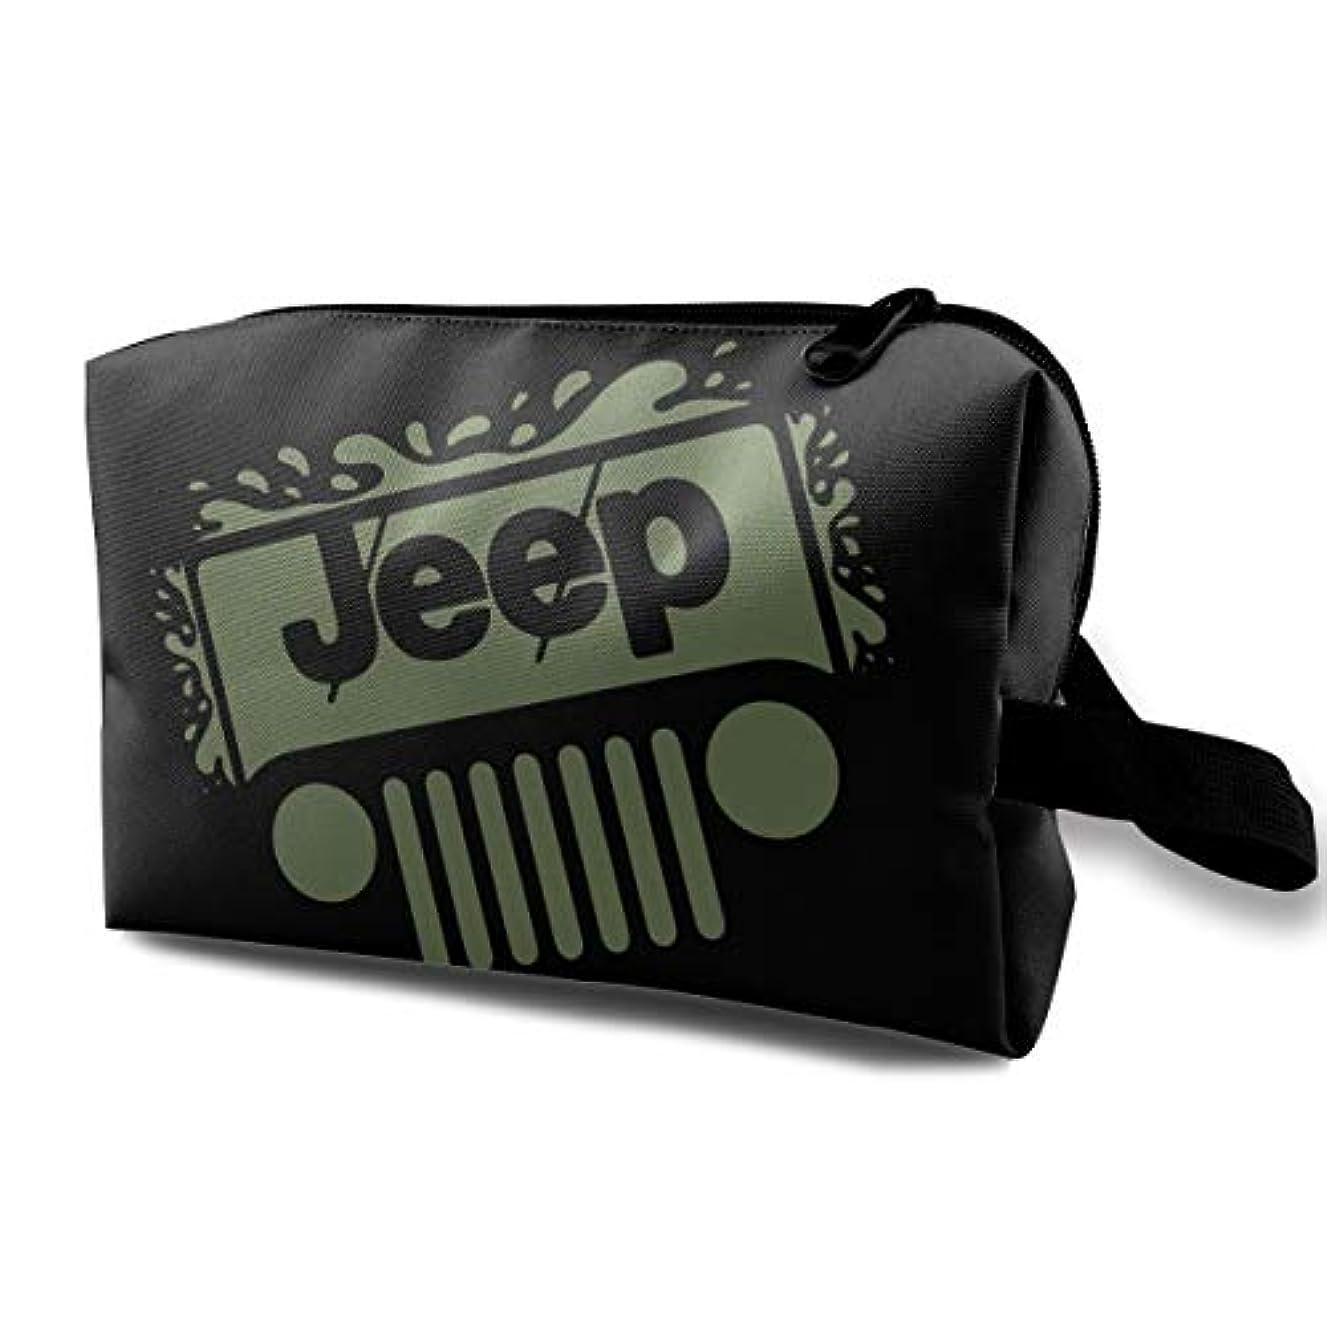 海上アトラス手段Jeep メイクポーチ 化粧ポーチ 機能的 大容量 メイクブラシバッグ 収納バッグ トラベルバッグ メイクブラシ 化粧道具 洗面用具入れ 防水 小物入れ 旅行 出張 耐久性